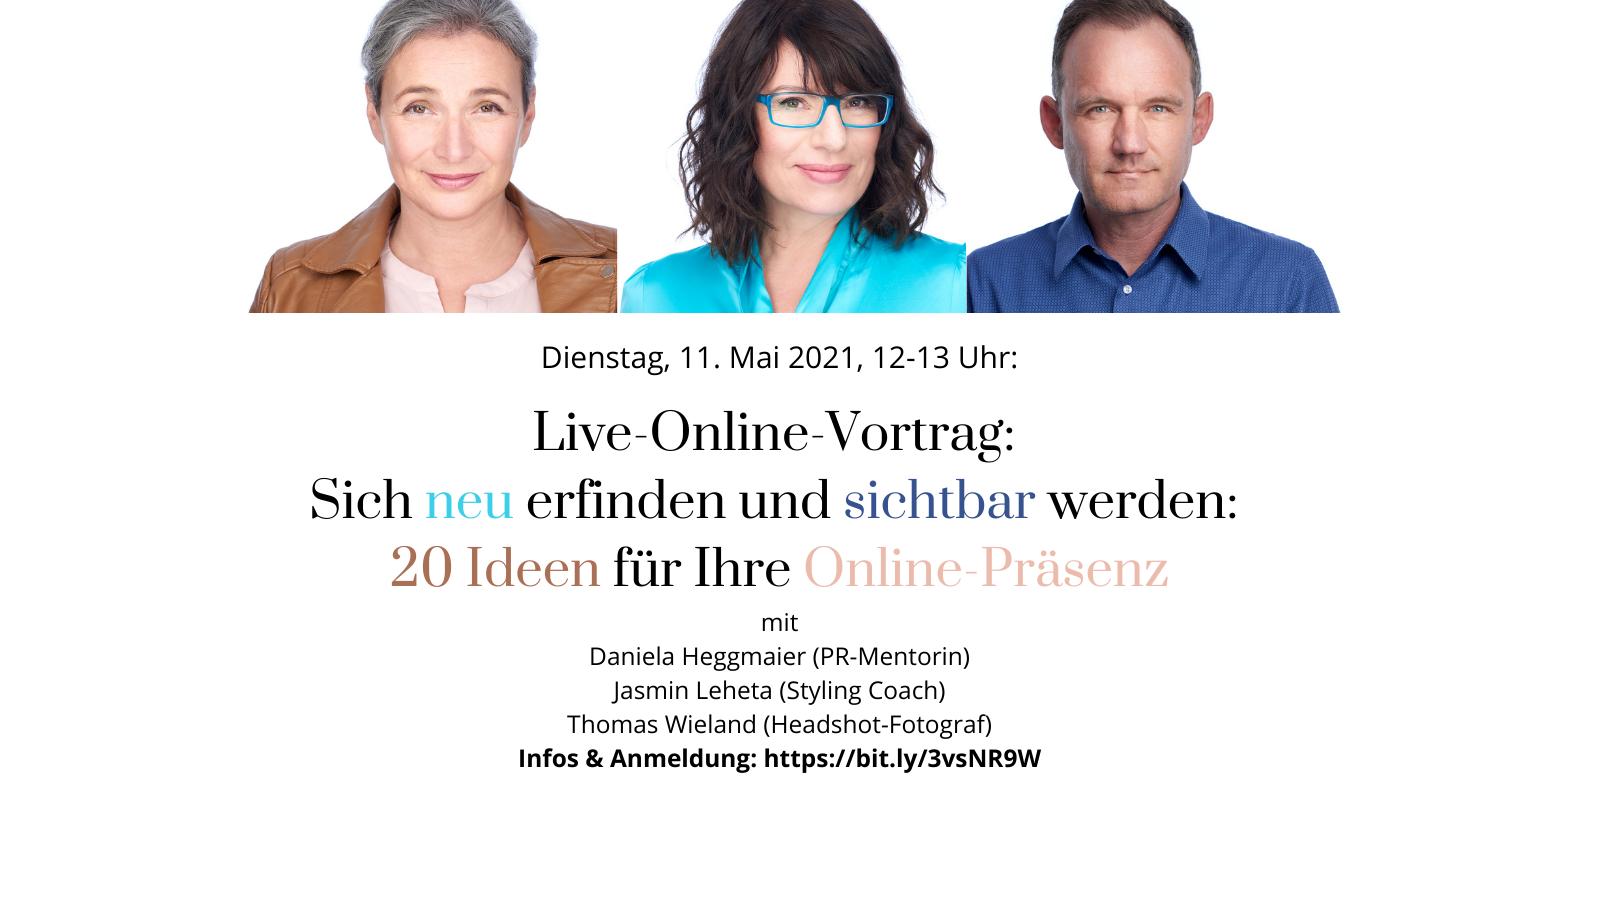 """In diesem Live-Online-Vortrag erfahren Sie kurz und knackig in einer Stunde, mit welchen Marketing- und PR-Ideen Sie den """"Relaunch"""" Ihrer Personenmarke wirkungsvoll inszenieren können"""